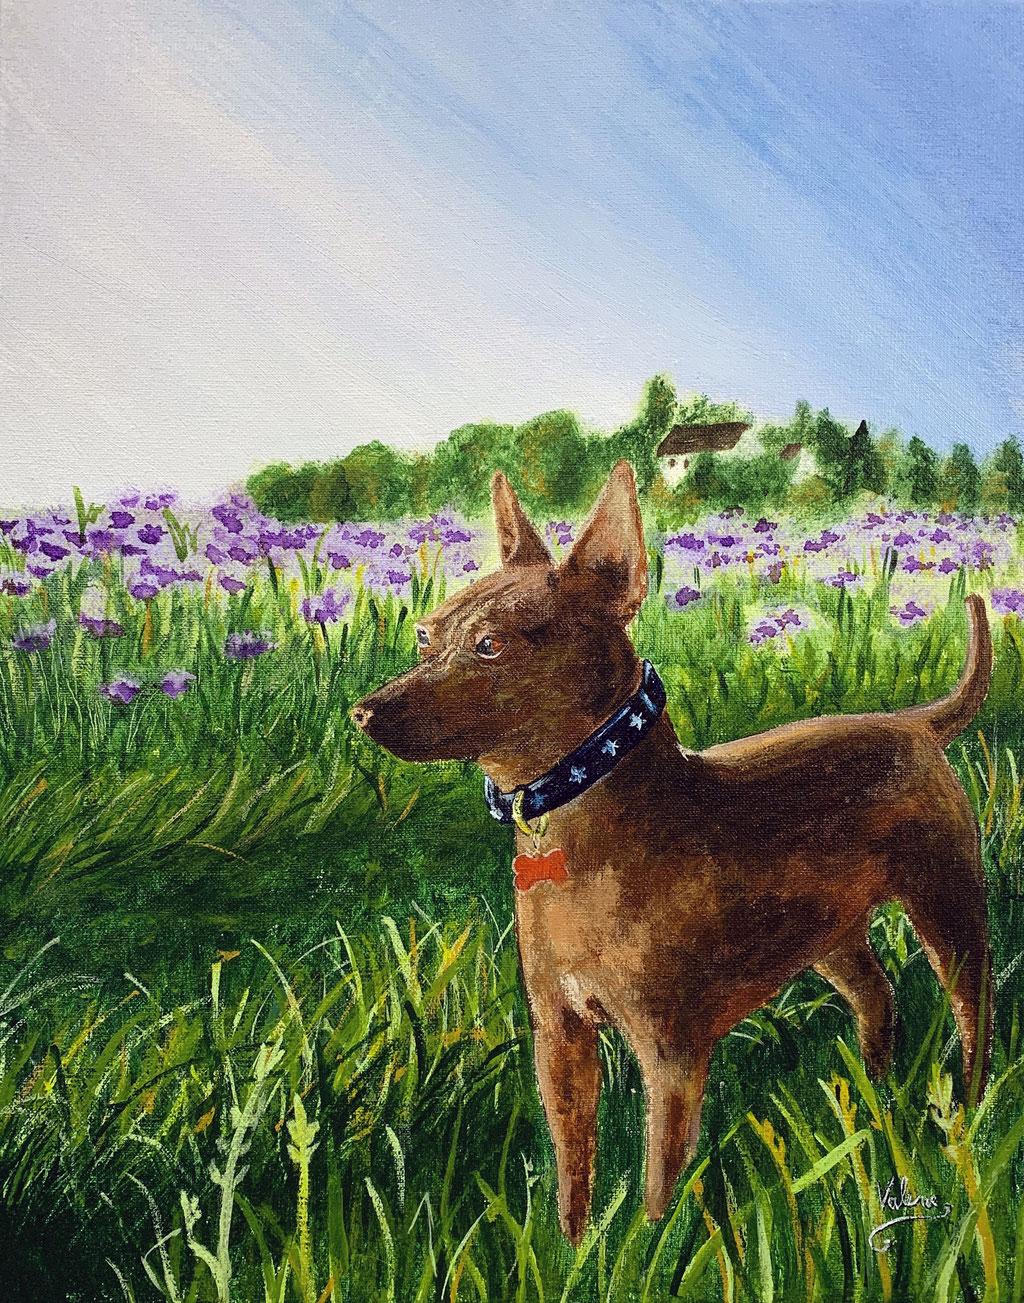 Hond in bloemenveld: Acrylverf op doek (2021)